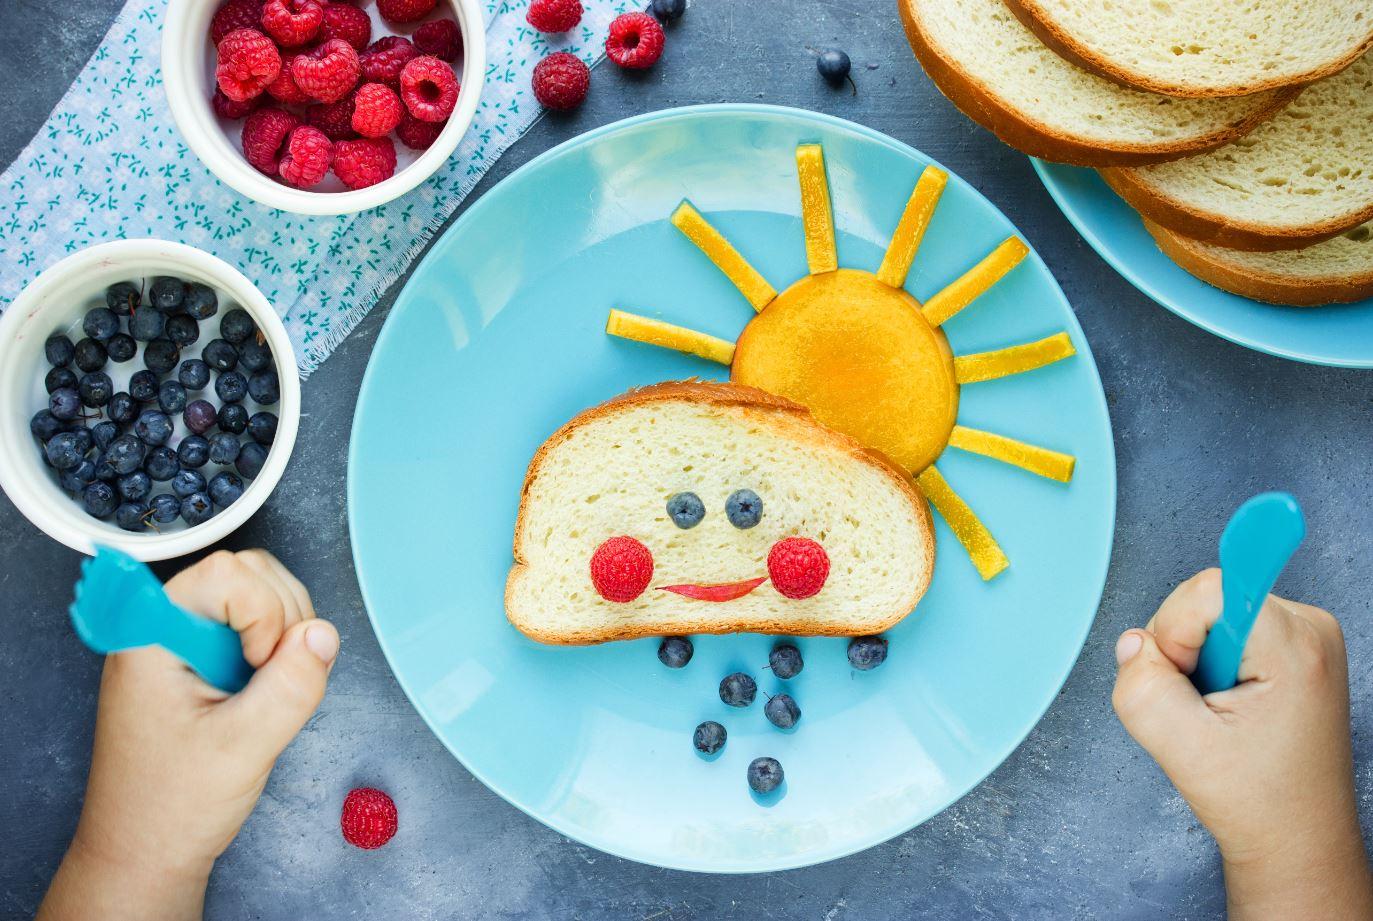 Bunter Teller mit Brot und Obst